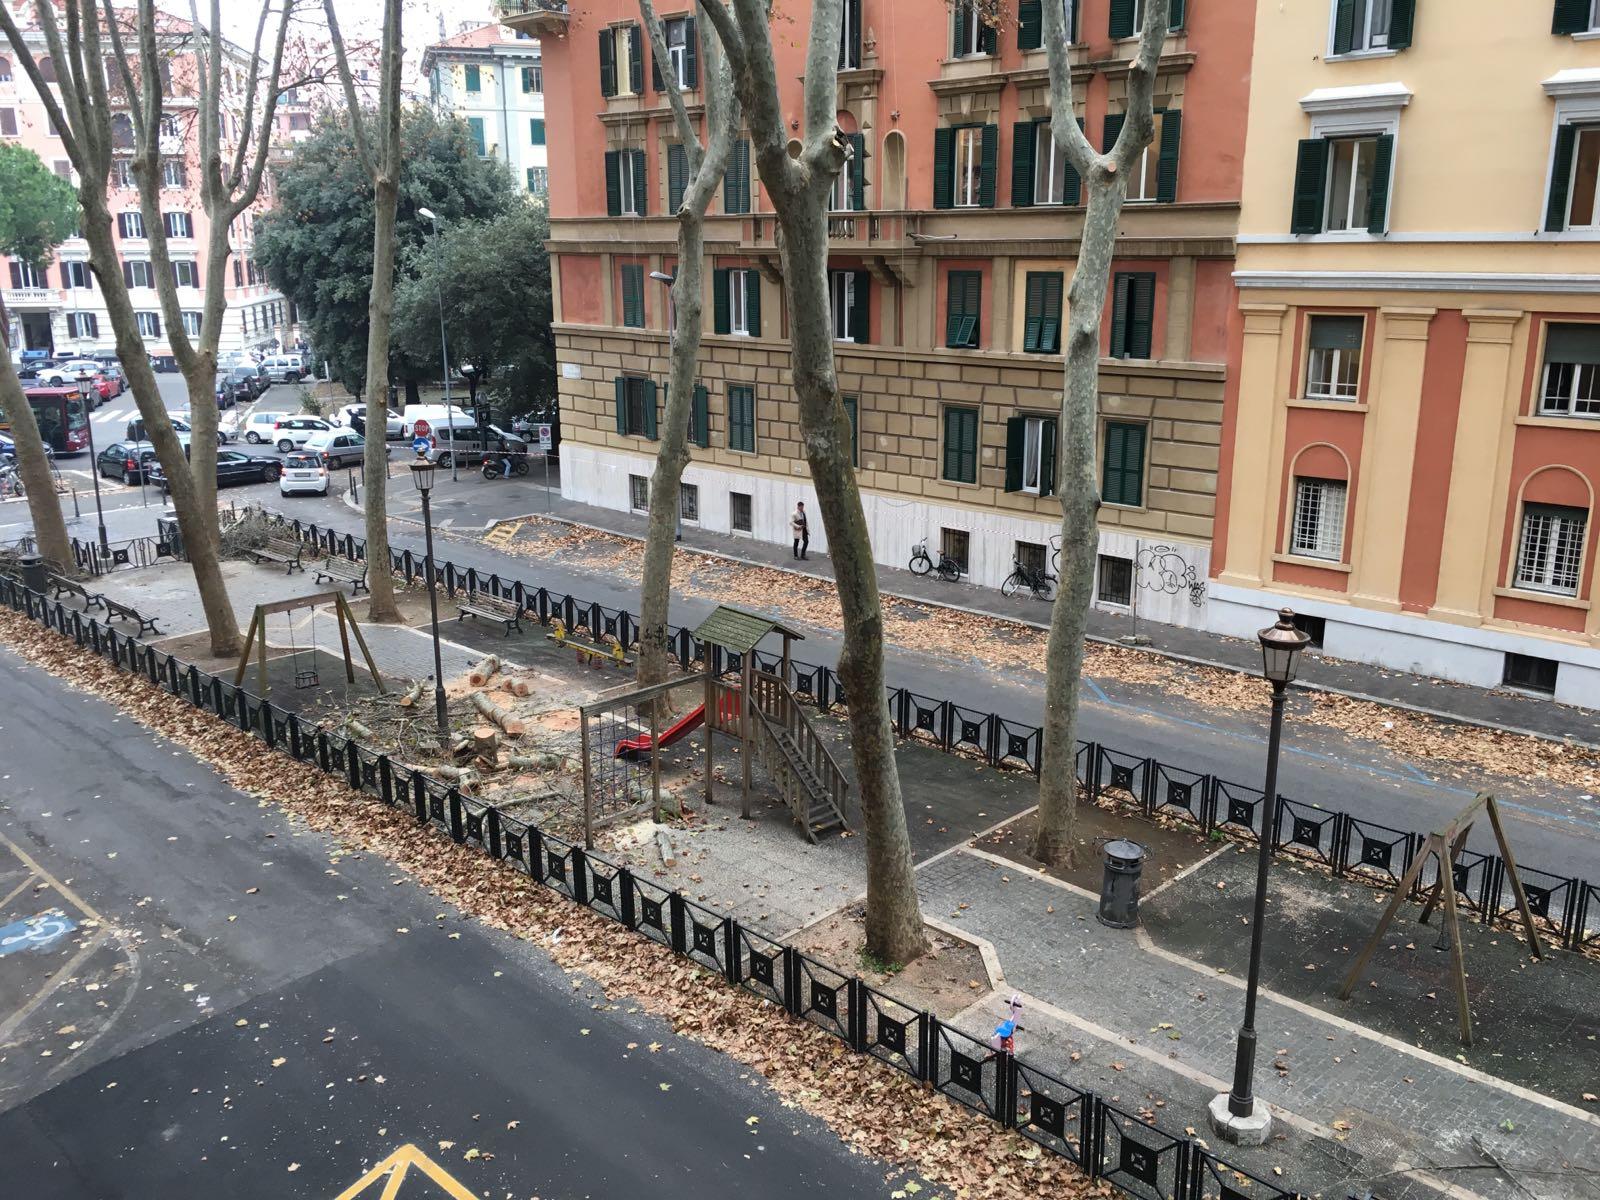 Roma, Prati, giardino pubblico Via Gulli, albero tagliato